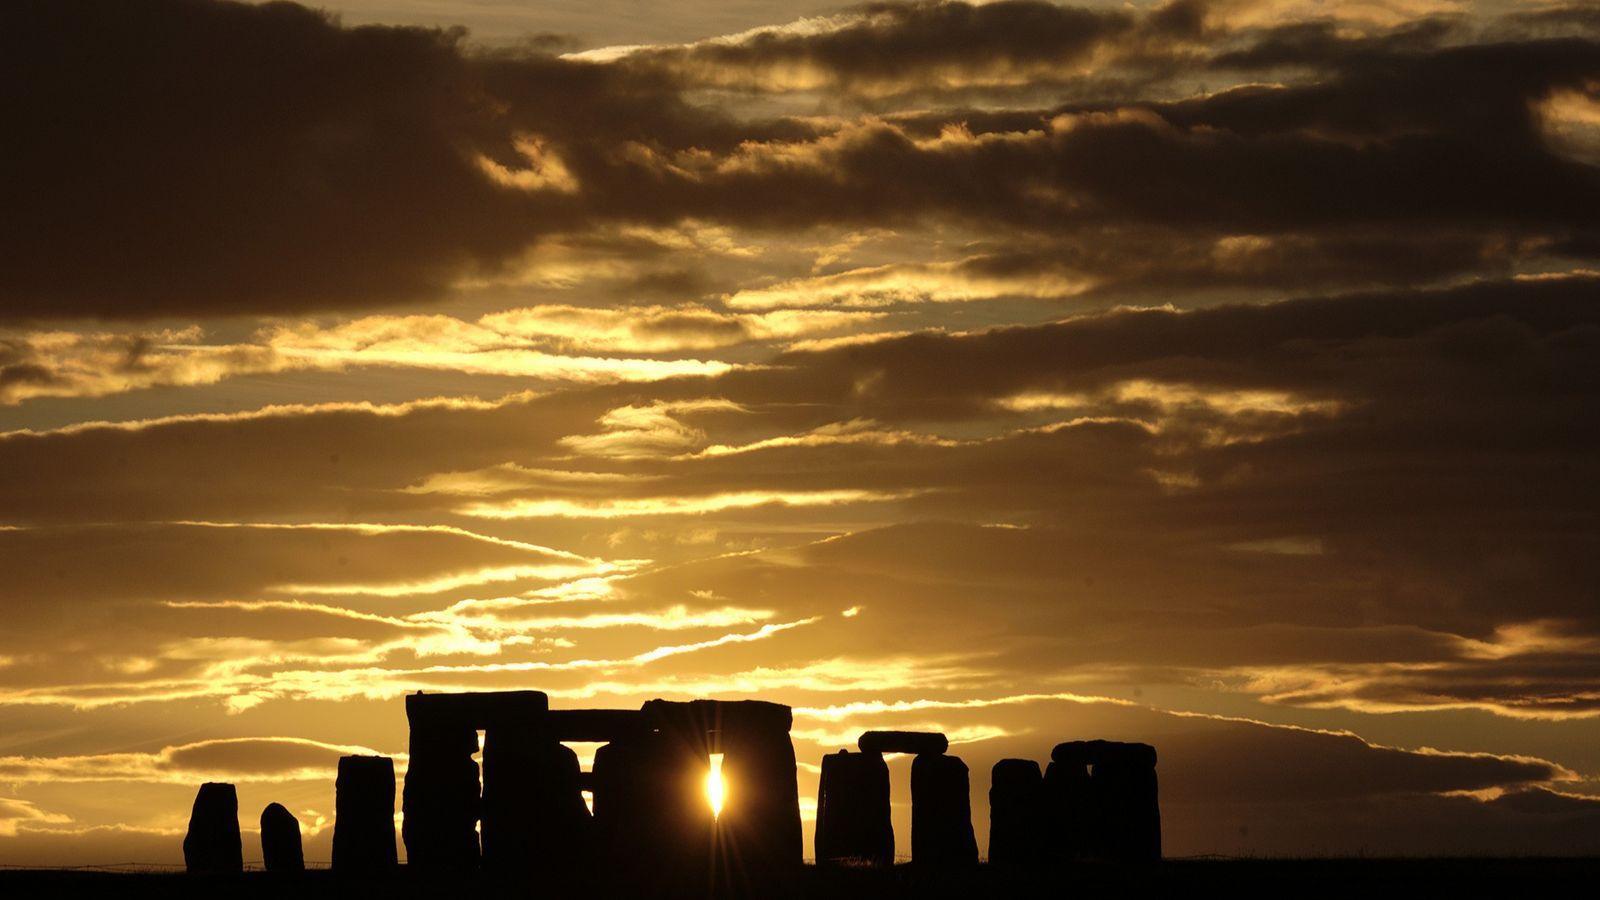 Os investigadores acreditam ter encontrado a origem de algumas das pedras que compõem Stonehenge.